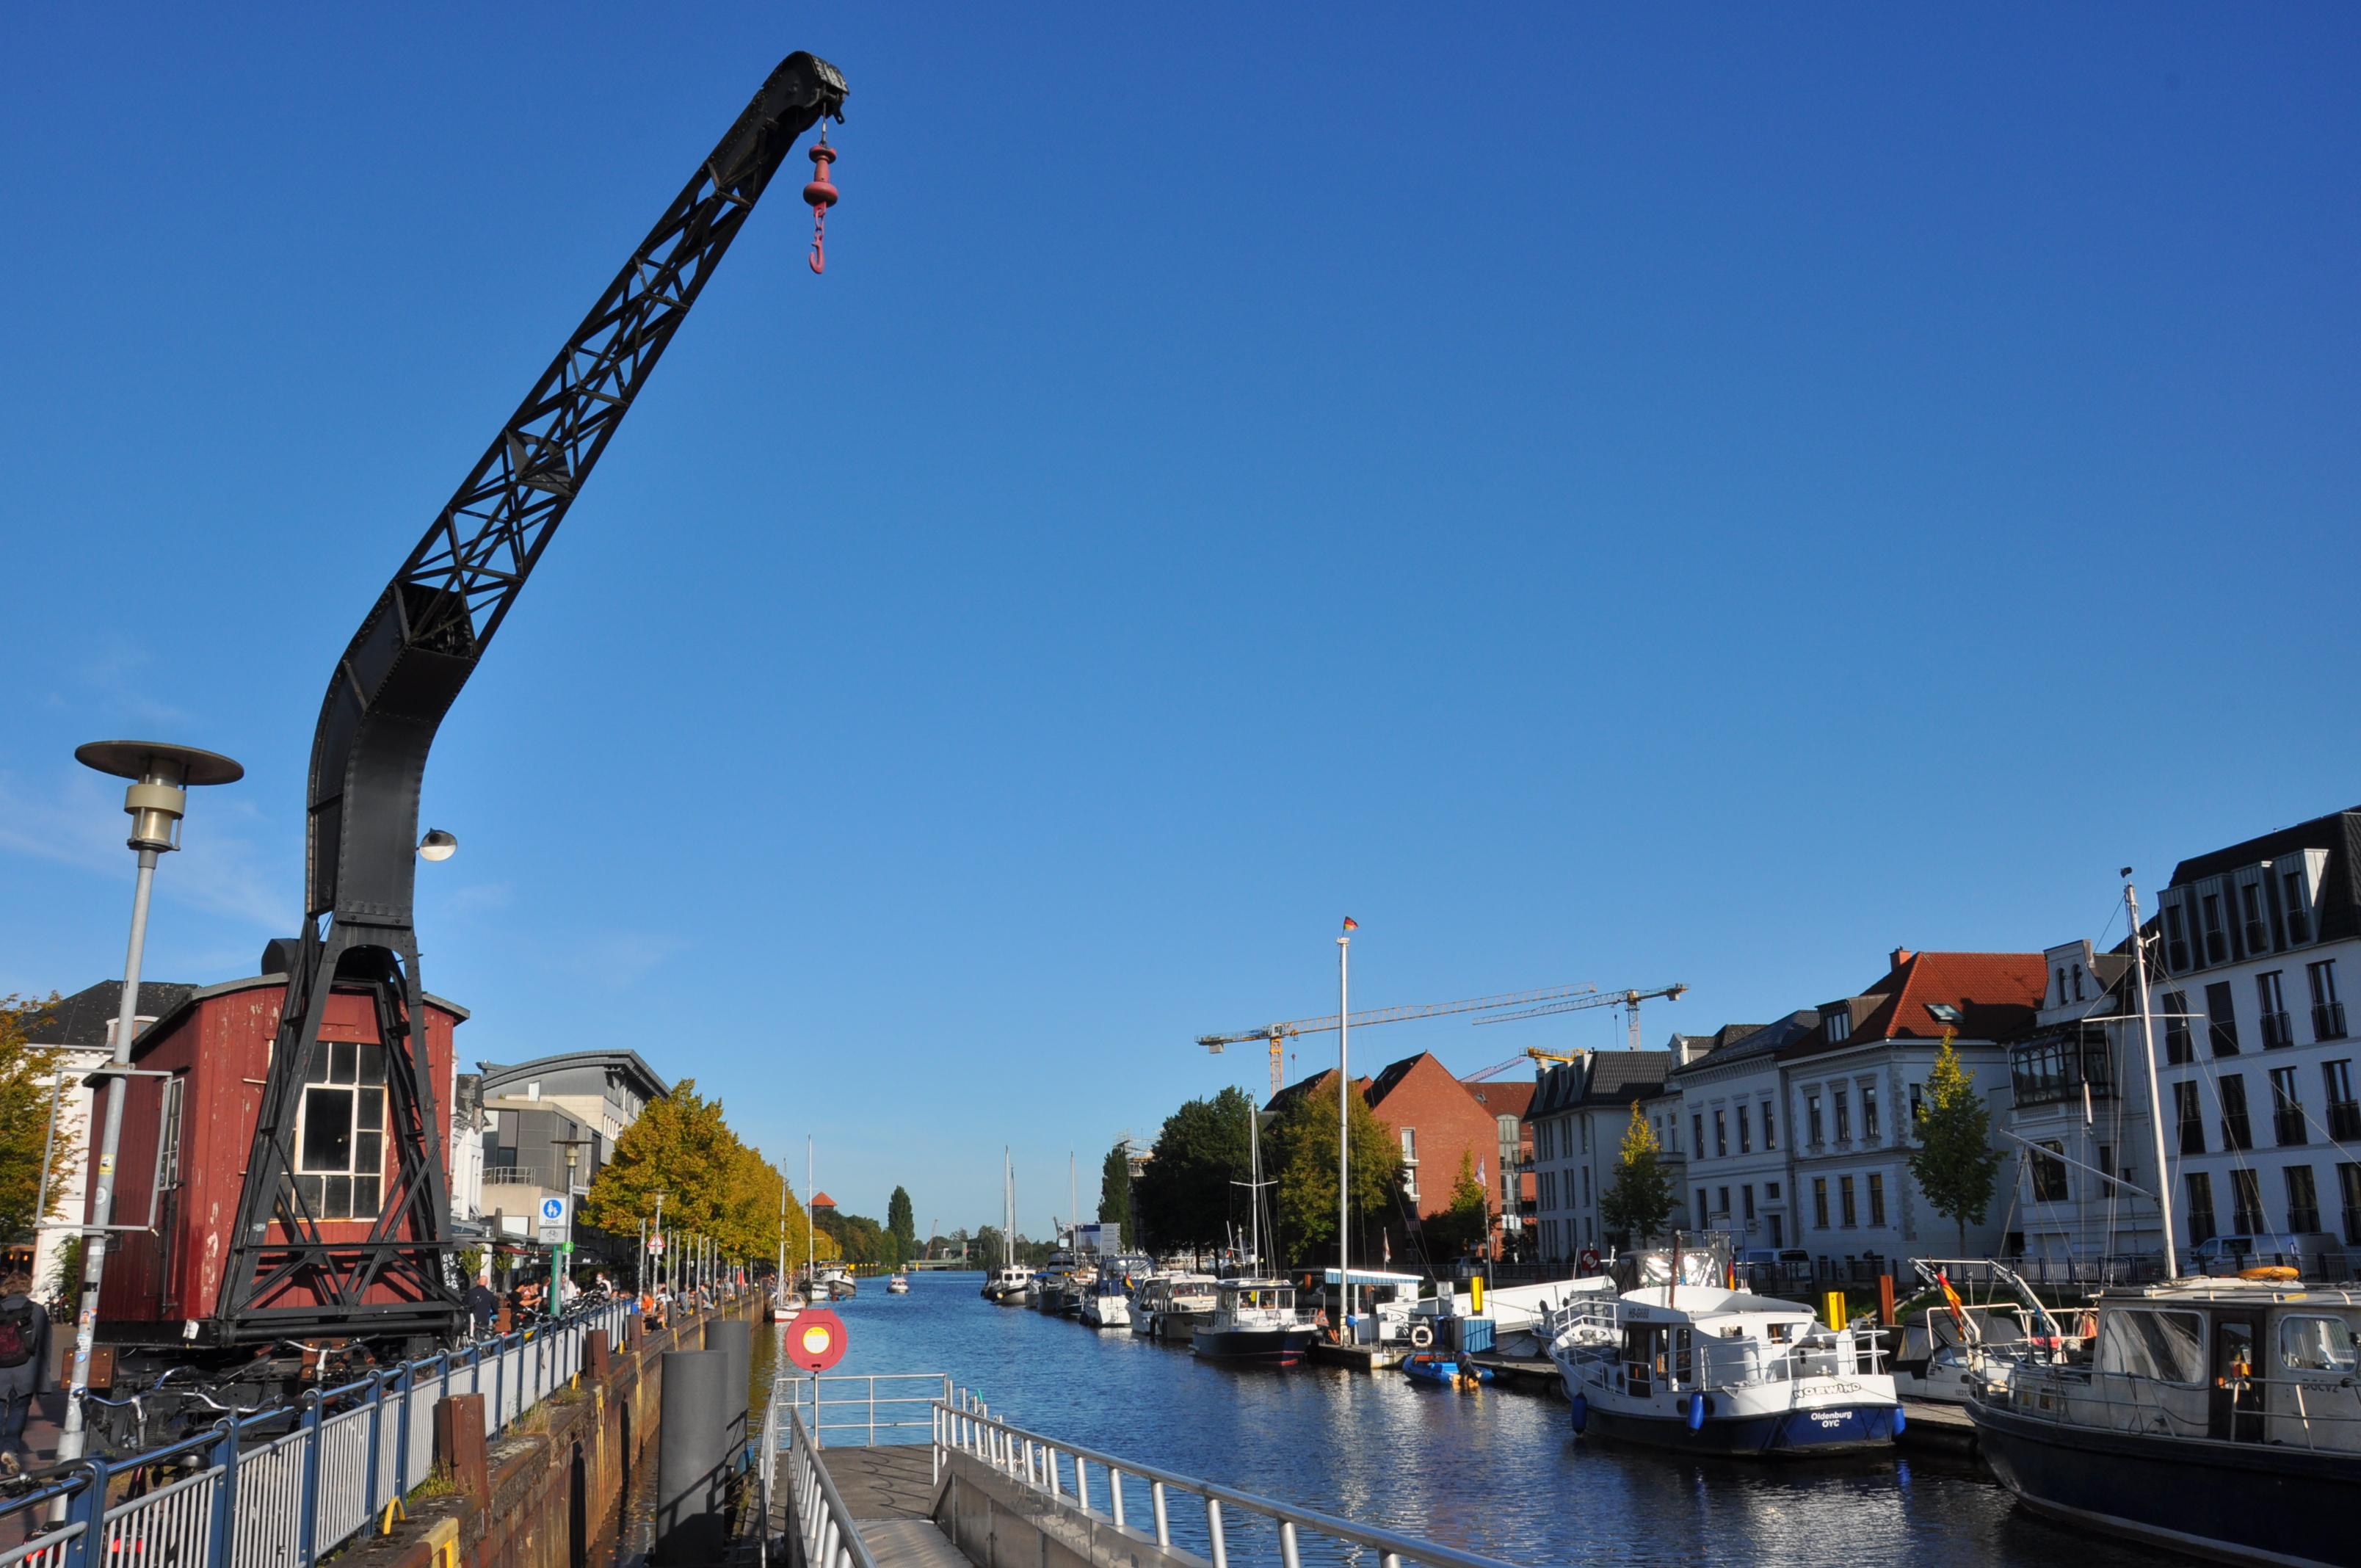 Hafen Oldenburg